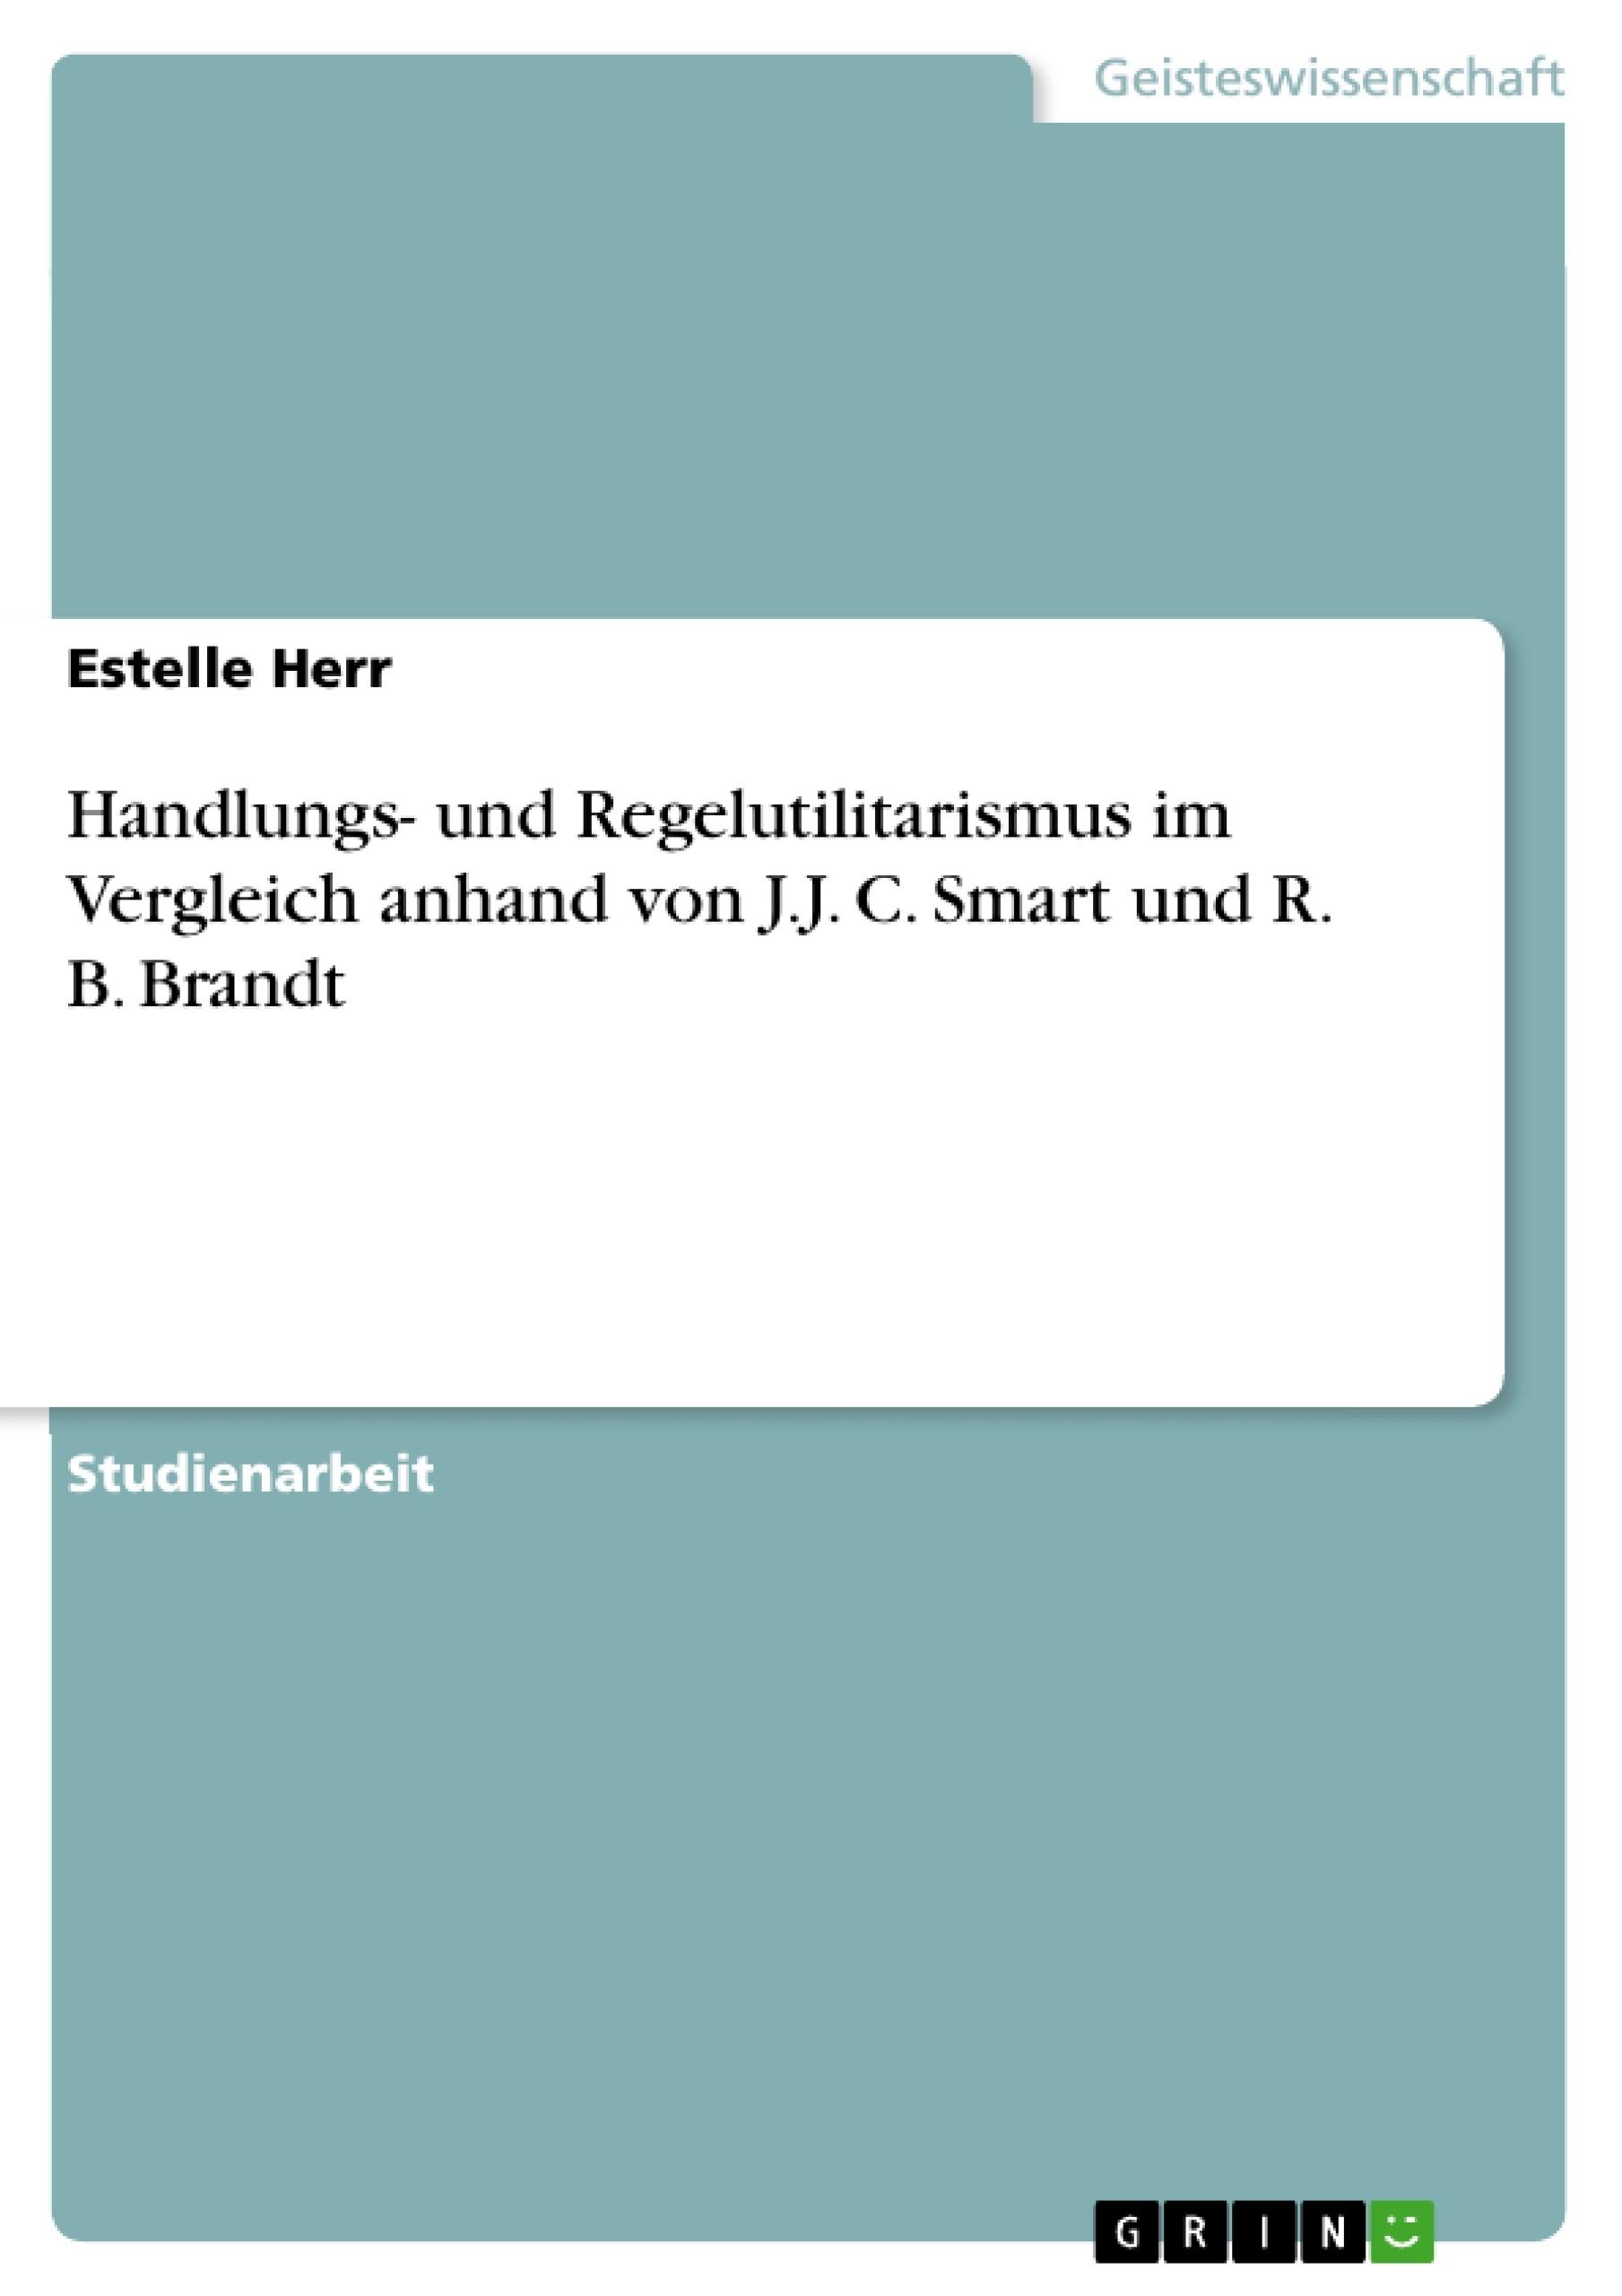 Titel: Handlungs- und Regelutilitarismus im Vergleich anhand von J.J. C. Smart und R. B. Brandt